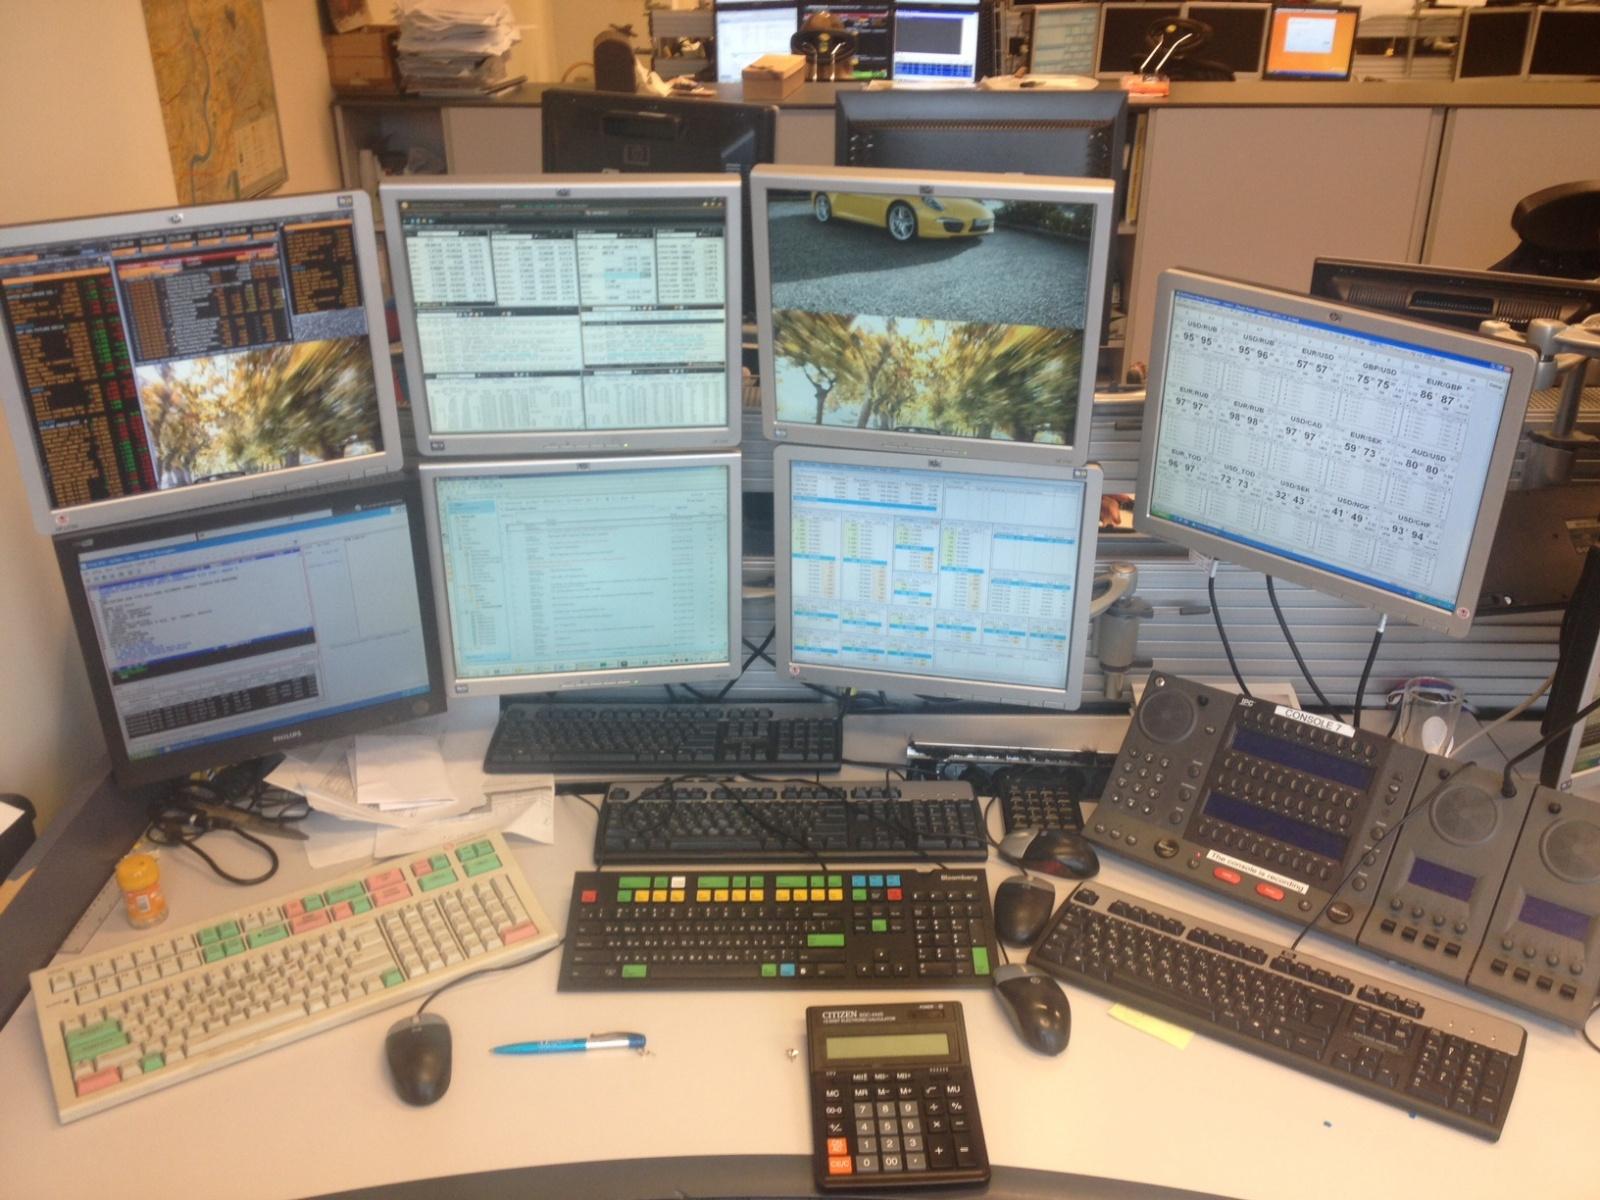 Обновление инфраструктуры рабочих мест трейдеров - 1